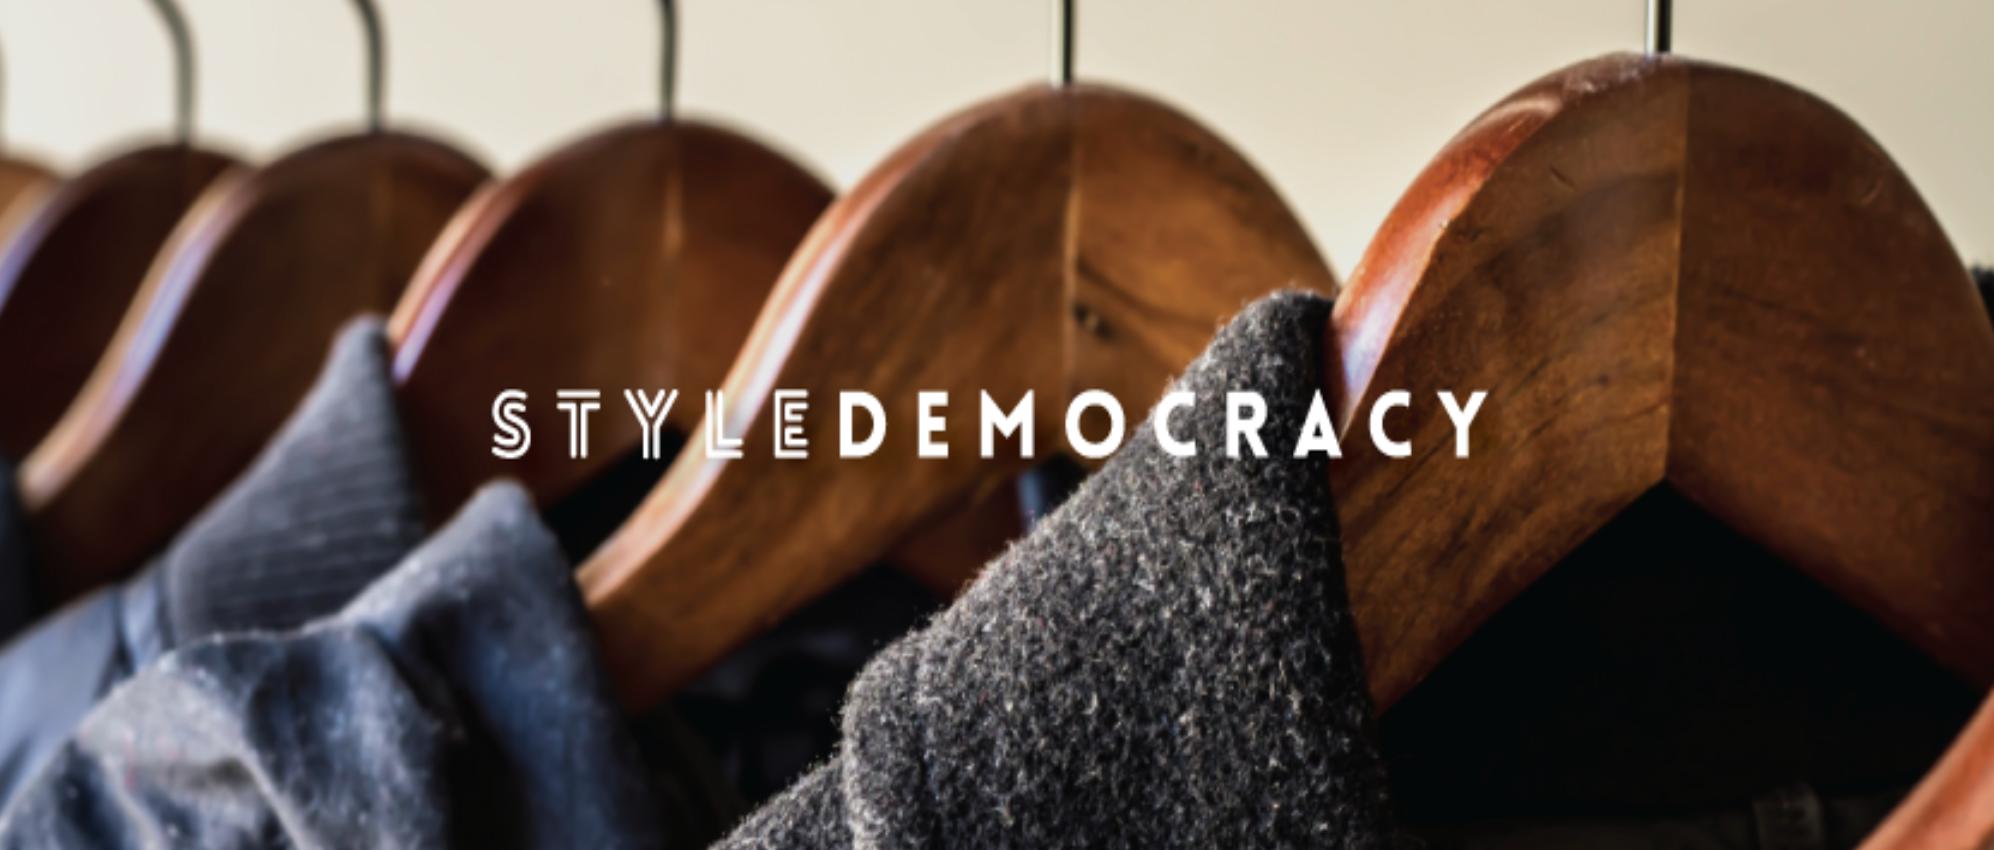 image: style democracy